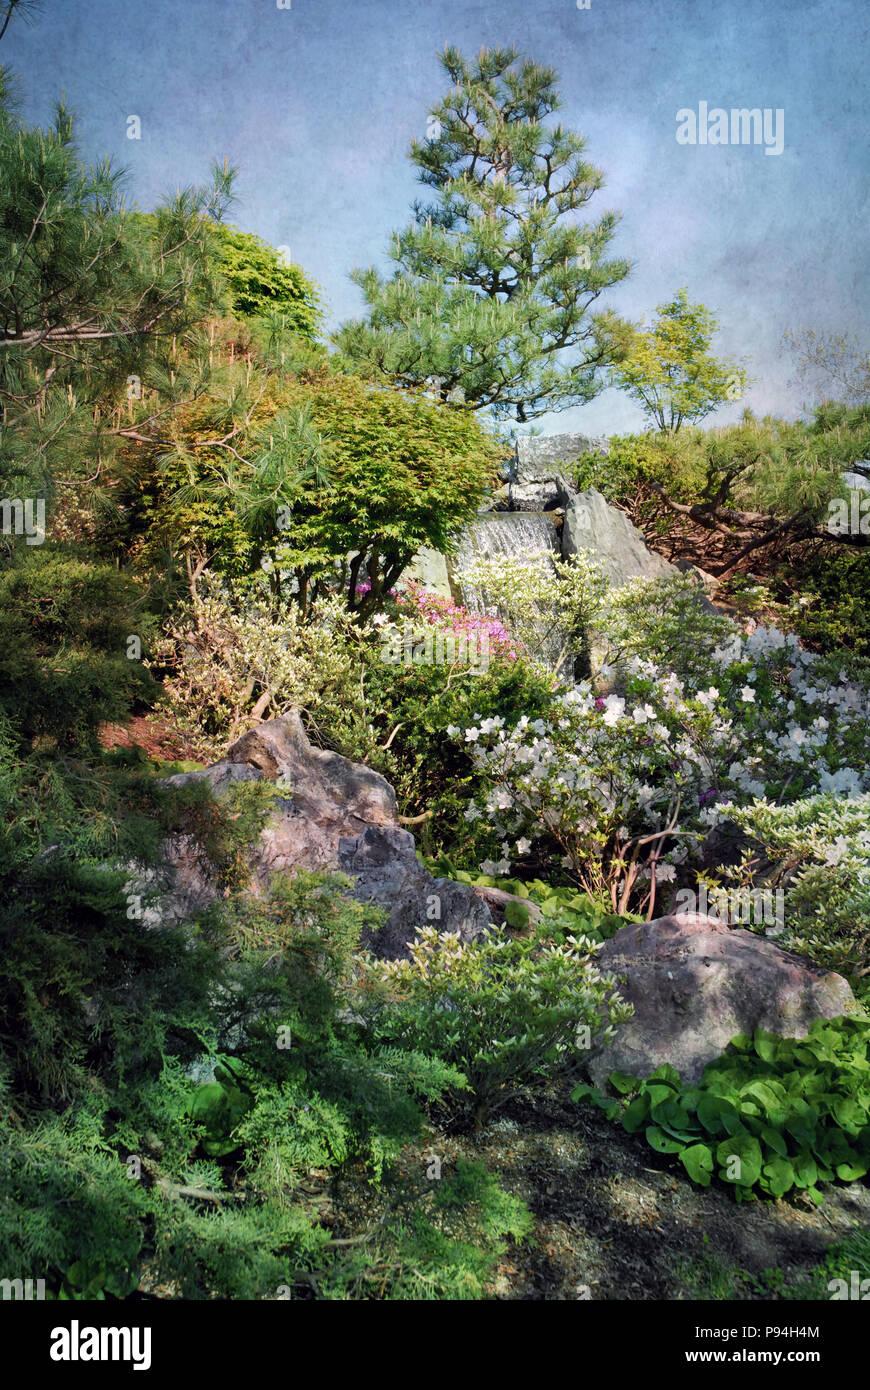 Malerische stil hintergrund Szene mit herrlichem Garten und Wasserfall. Schöne portrait Hintergrund. Pinselstriche und Textur Stockbild